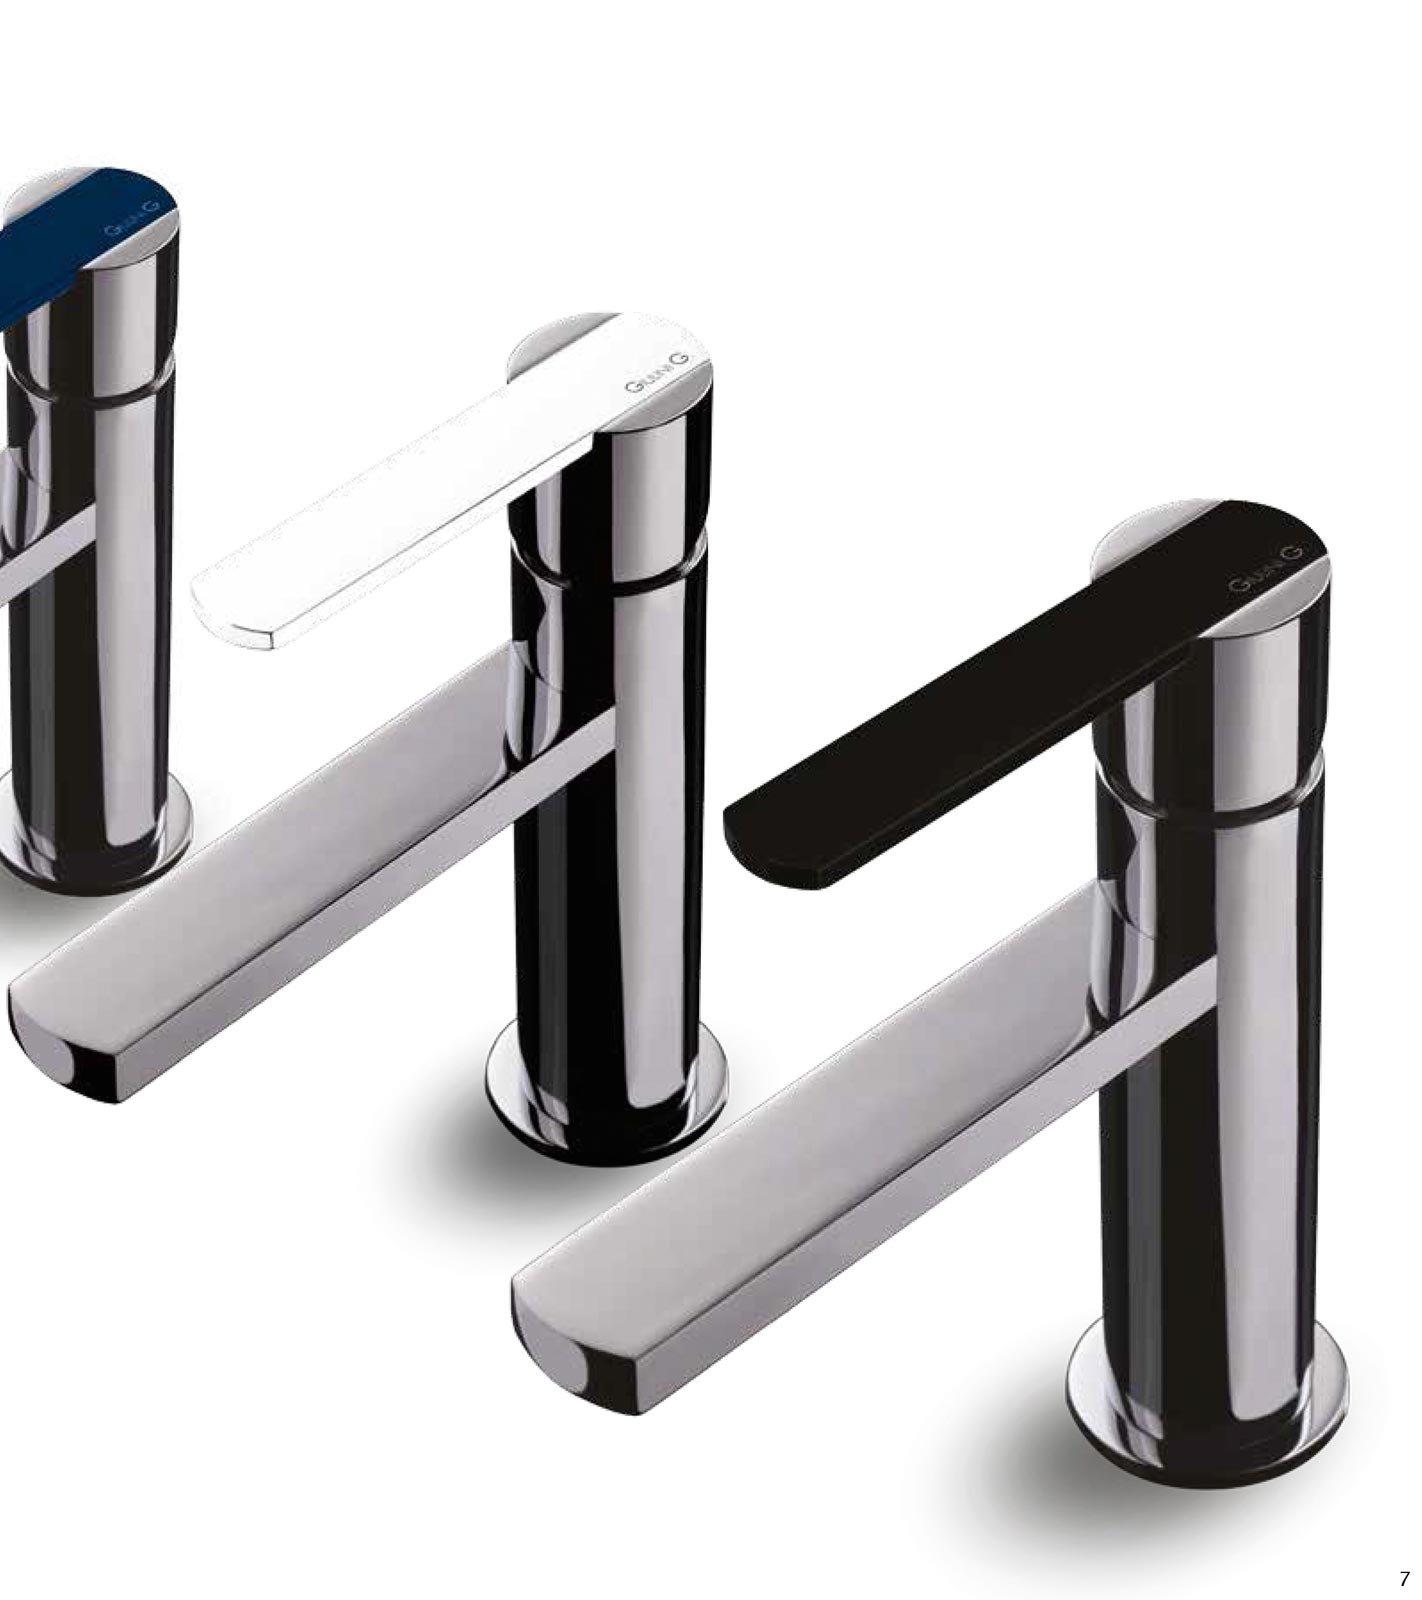 Rubinetti per lavabo 28 modelli diversi per ogni bagno cose di casa - Rubinetti moderni bagno ...